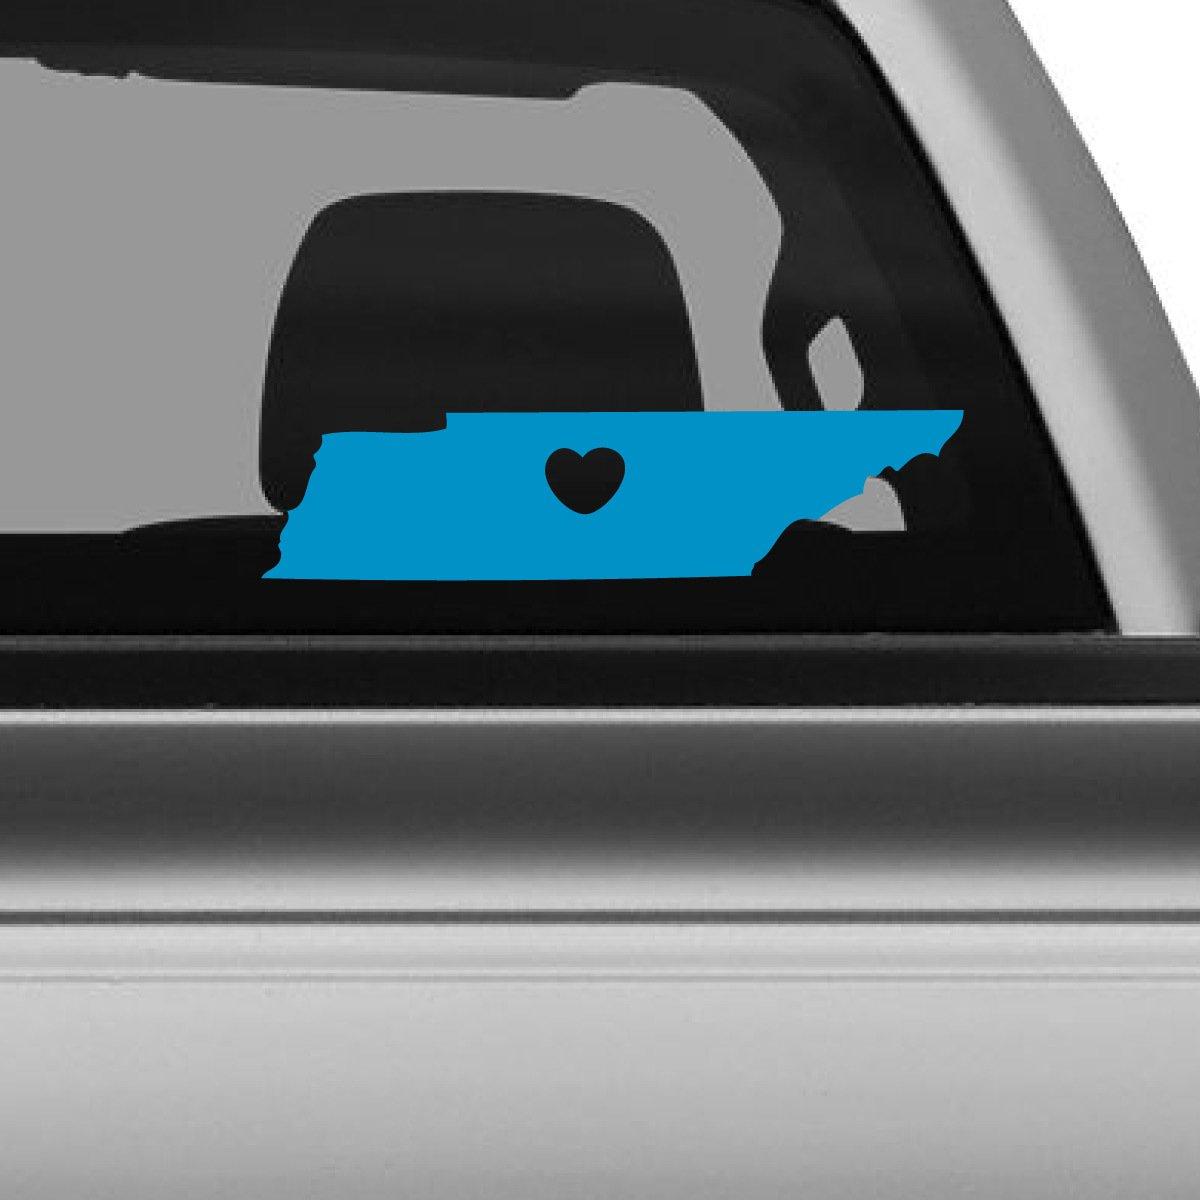 ずっと気になってた I Love W Tennessee車デカール、Die Cut Vinyl Decal I for Windows車 グレー、トラック、ツールボックス、ノートパソコン、ほぼすべてmacbook-ハード、滑らかな表面 6